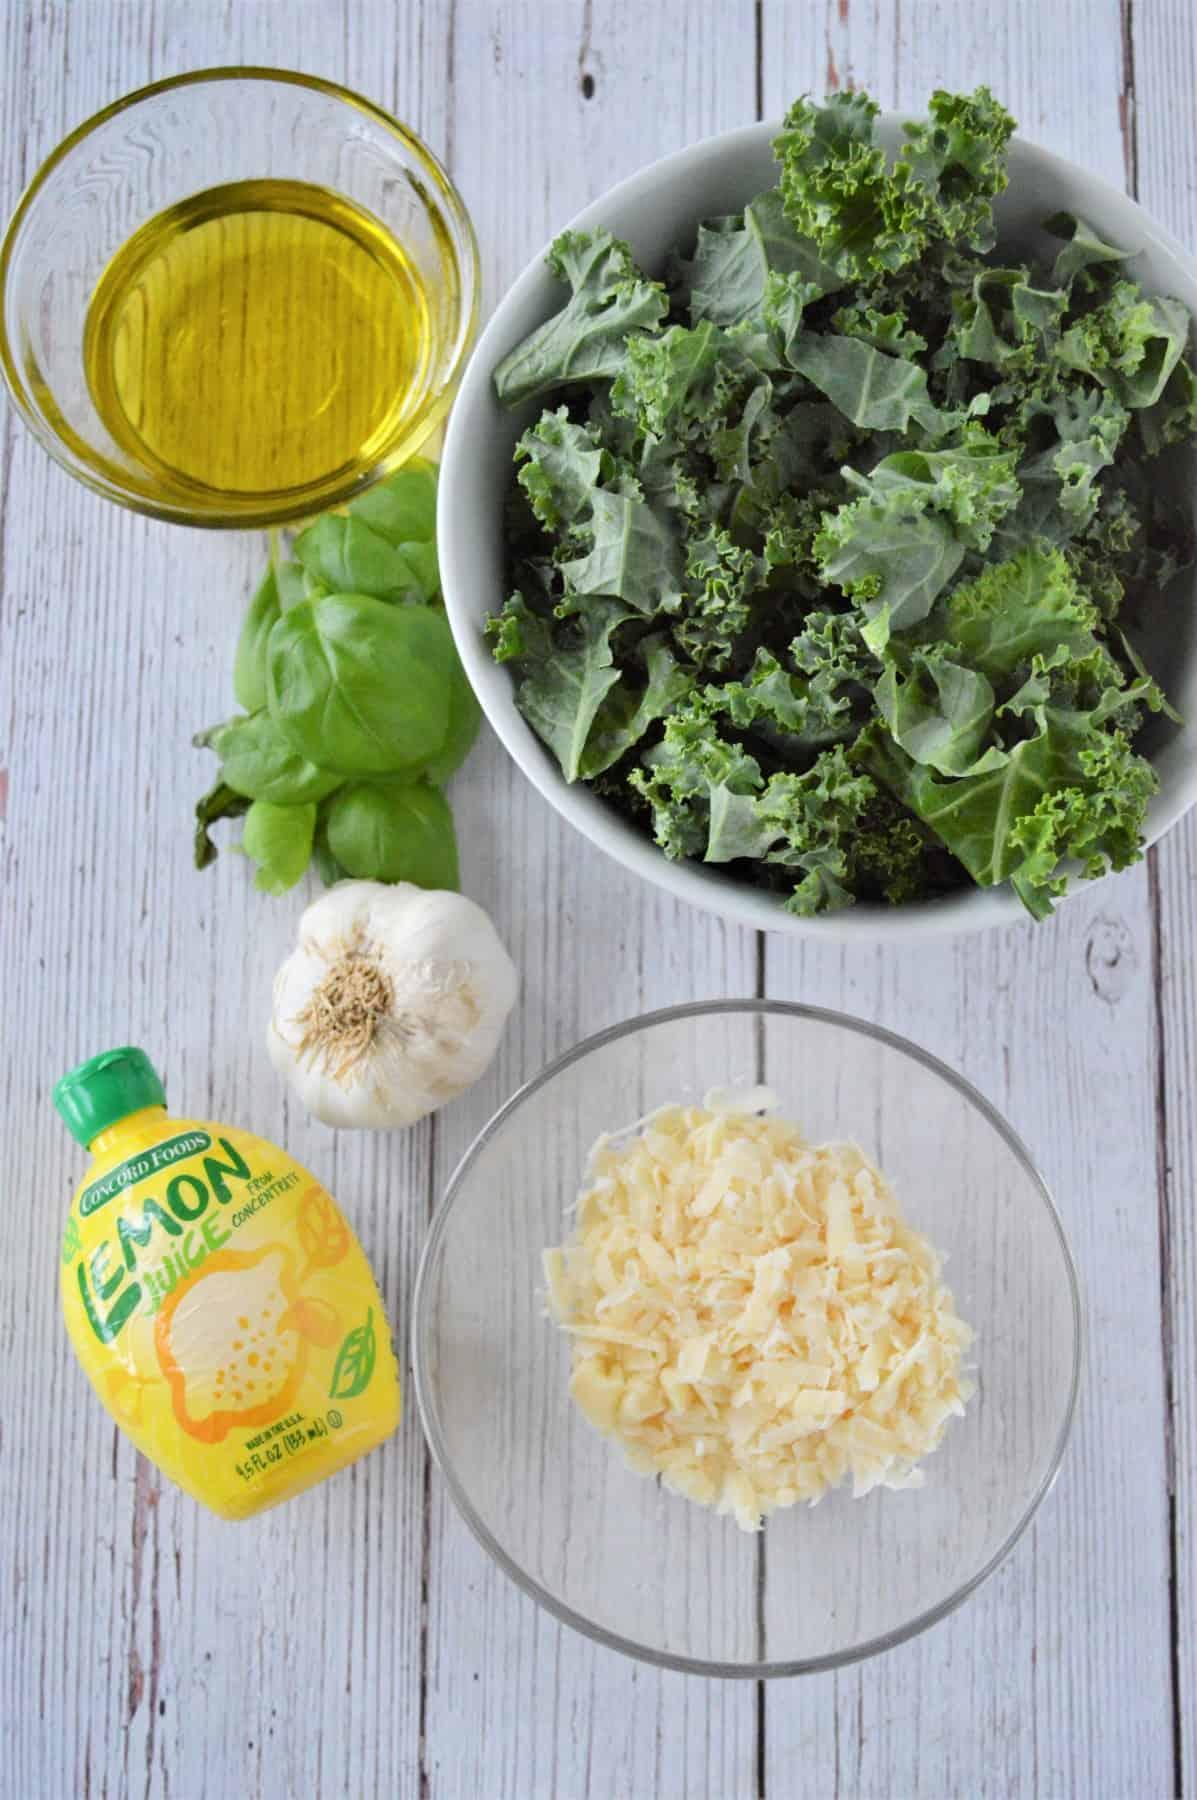 Ingredients for kale pesto